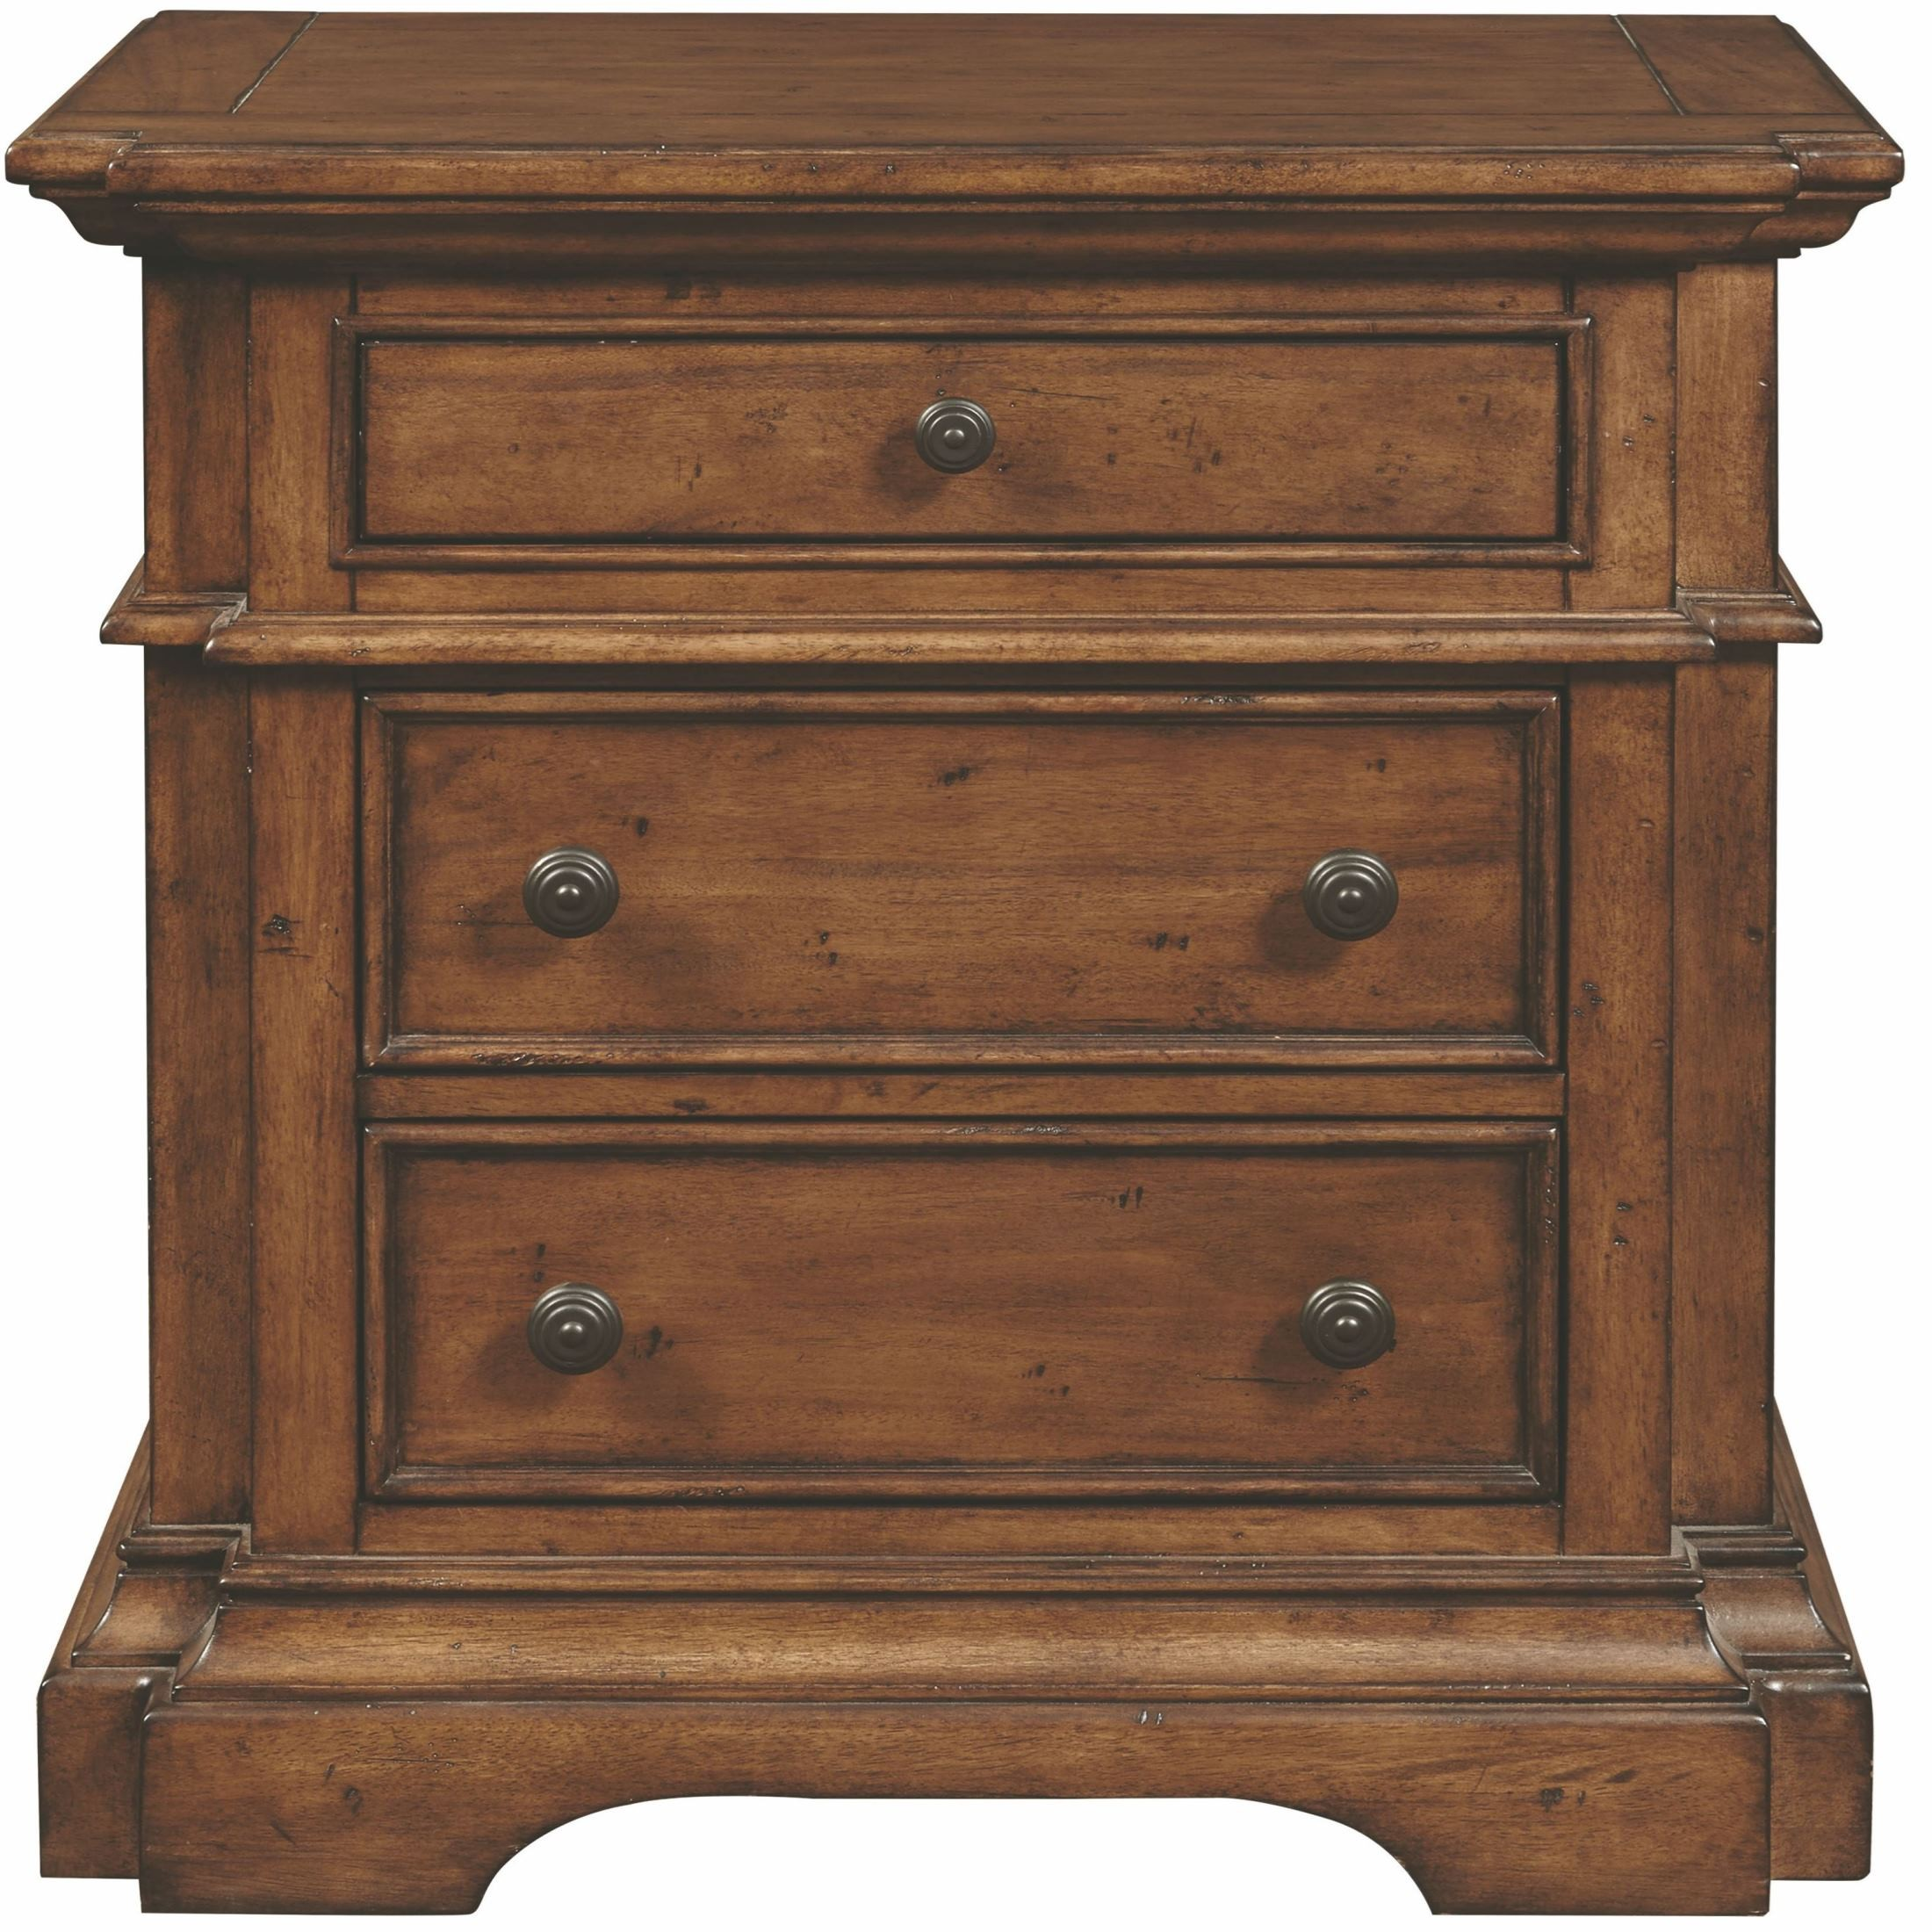 reddington metal wood queen bedroom set 241170 71 72